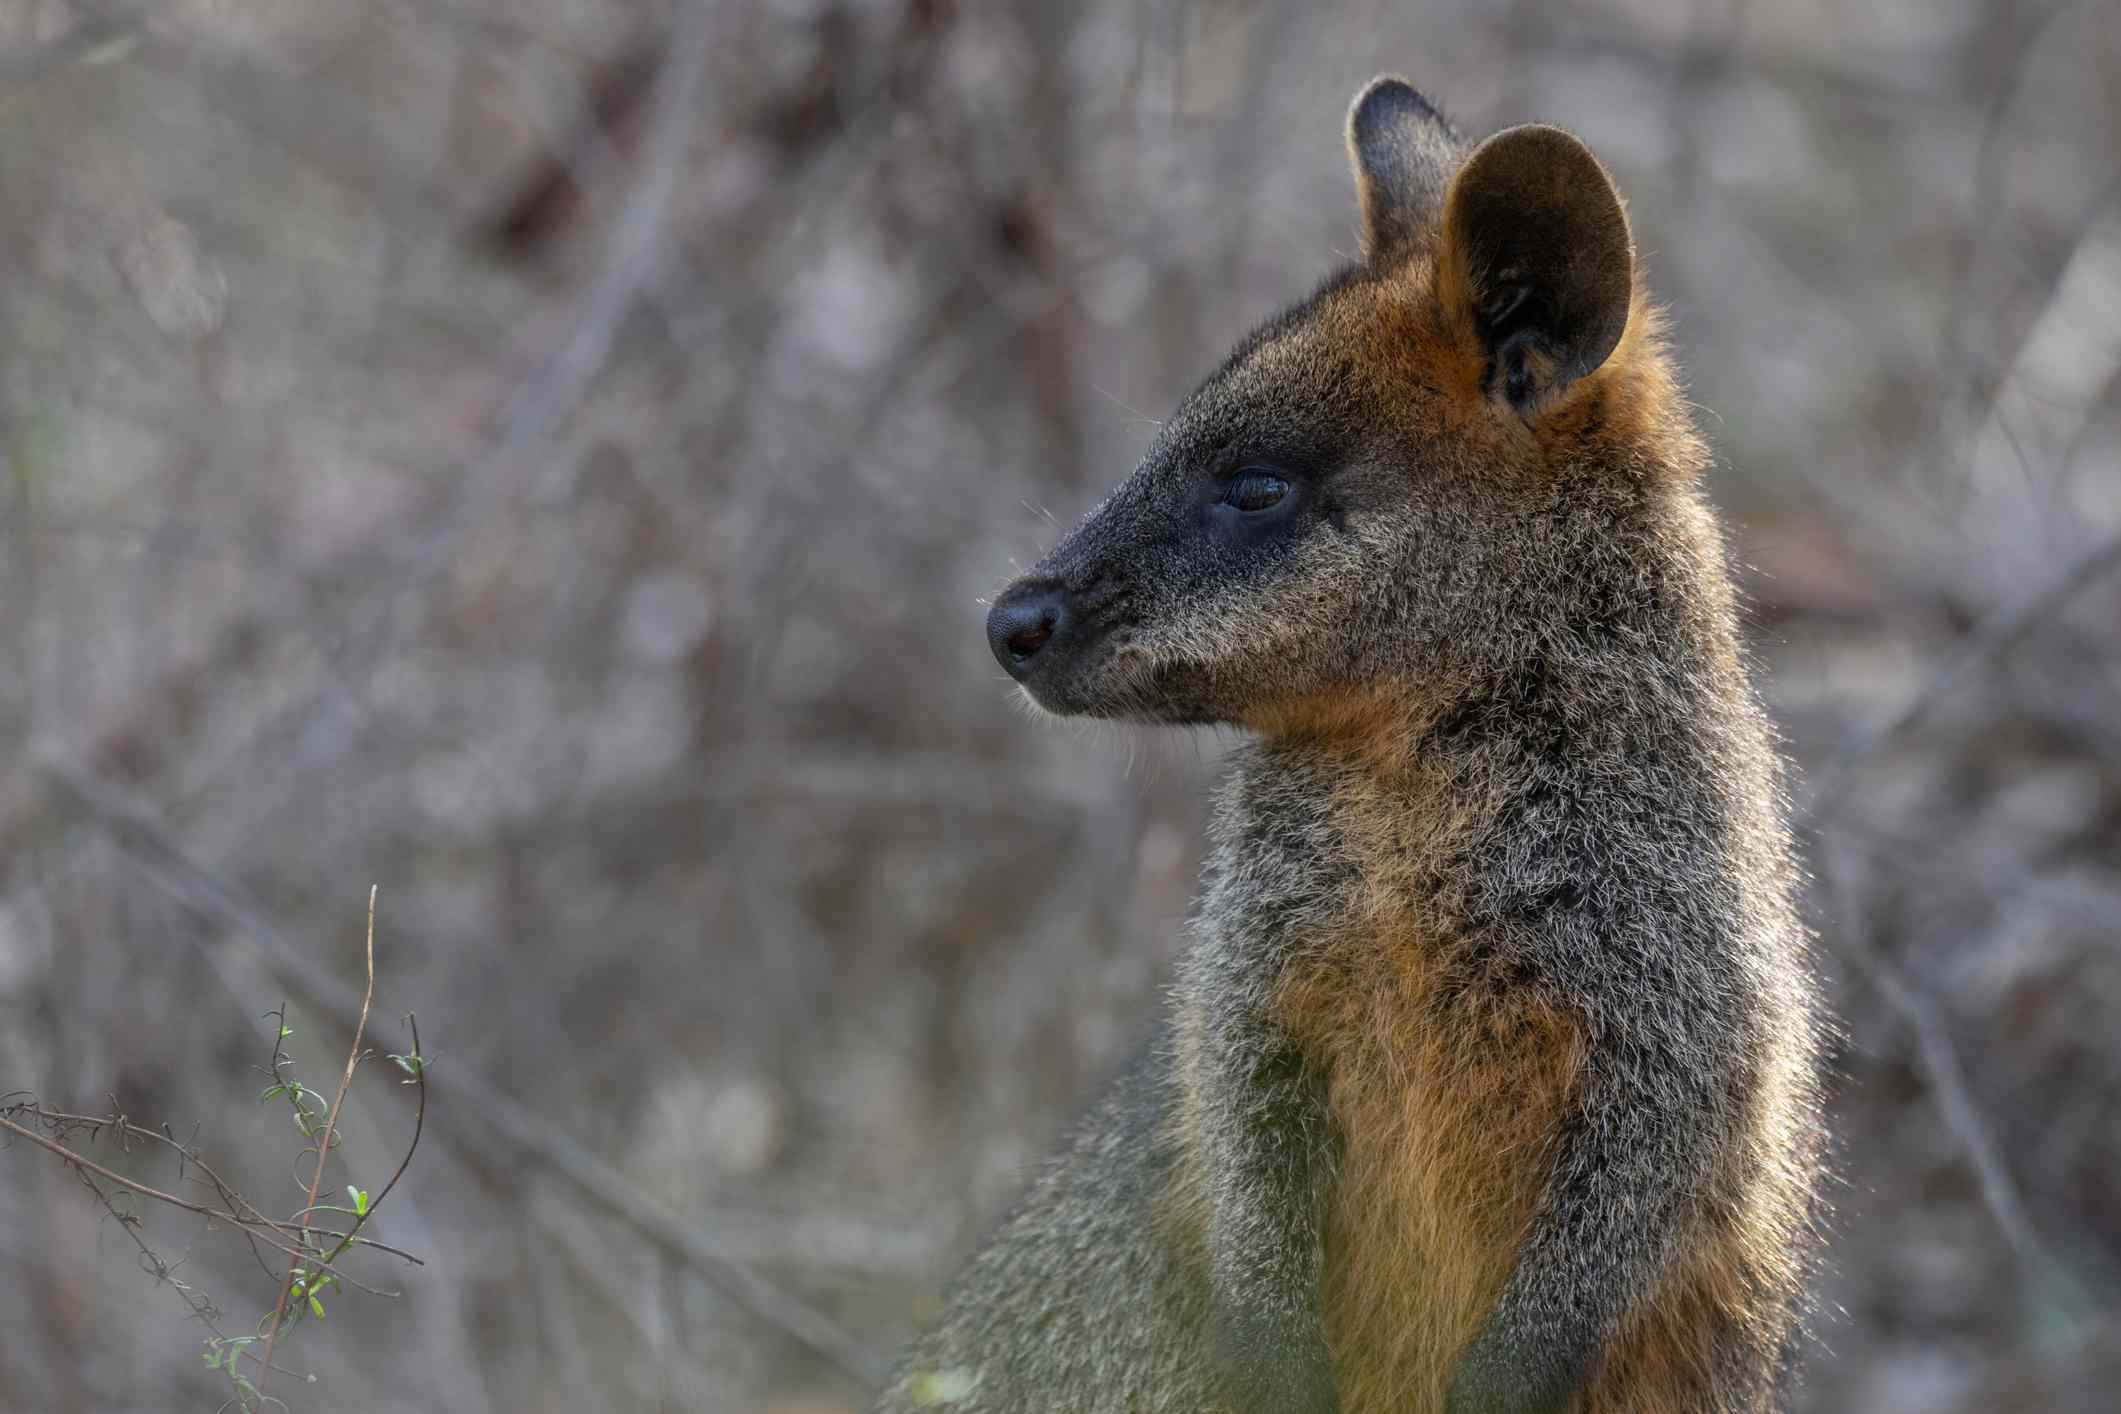 A swamp wallaby in Bendigo, Australia.